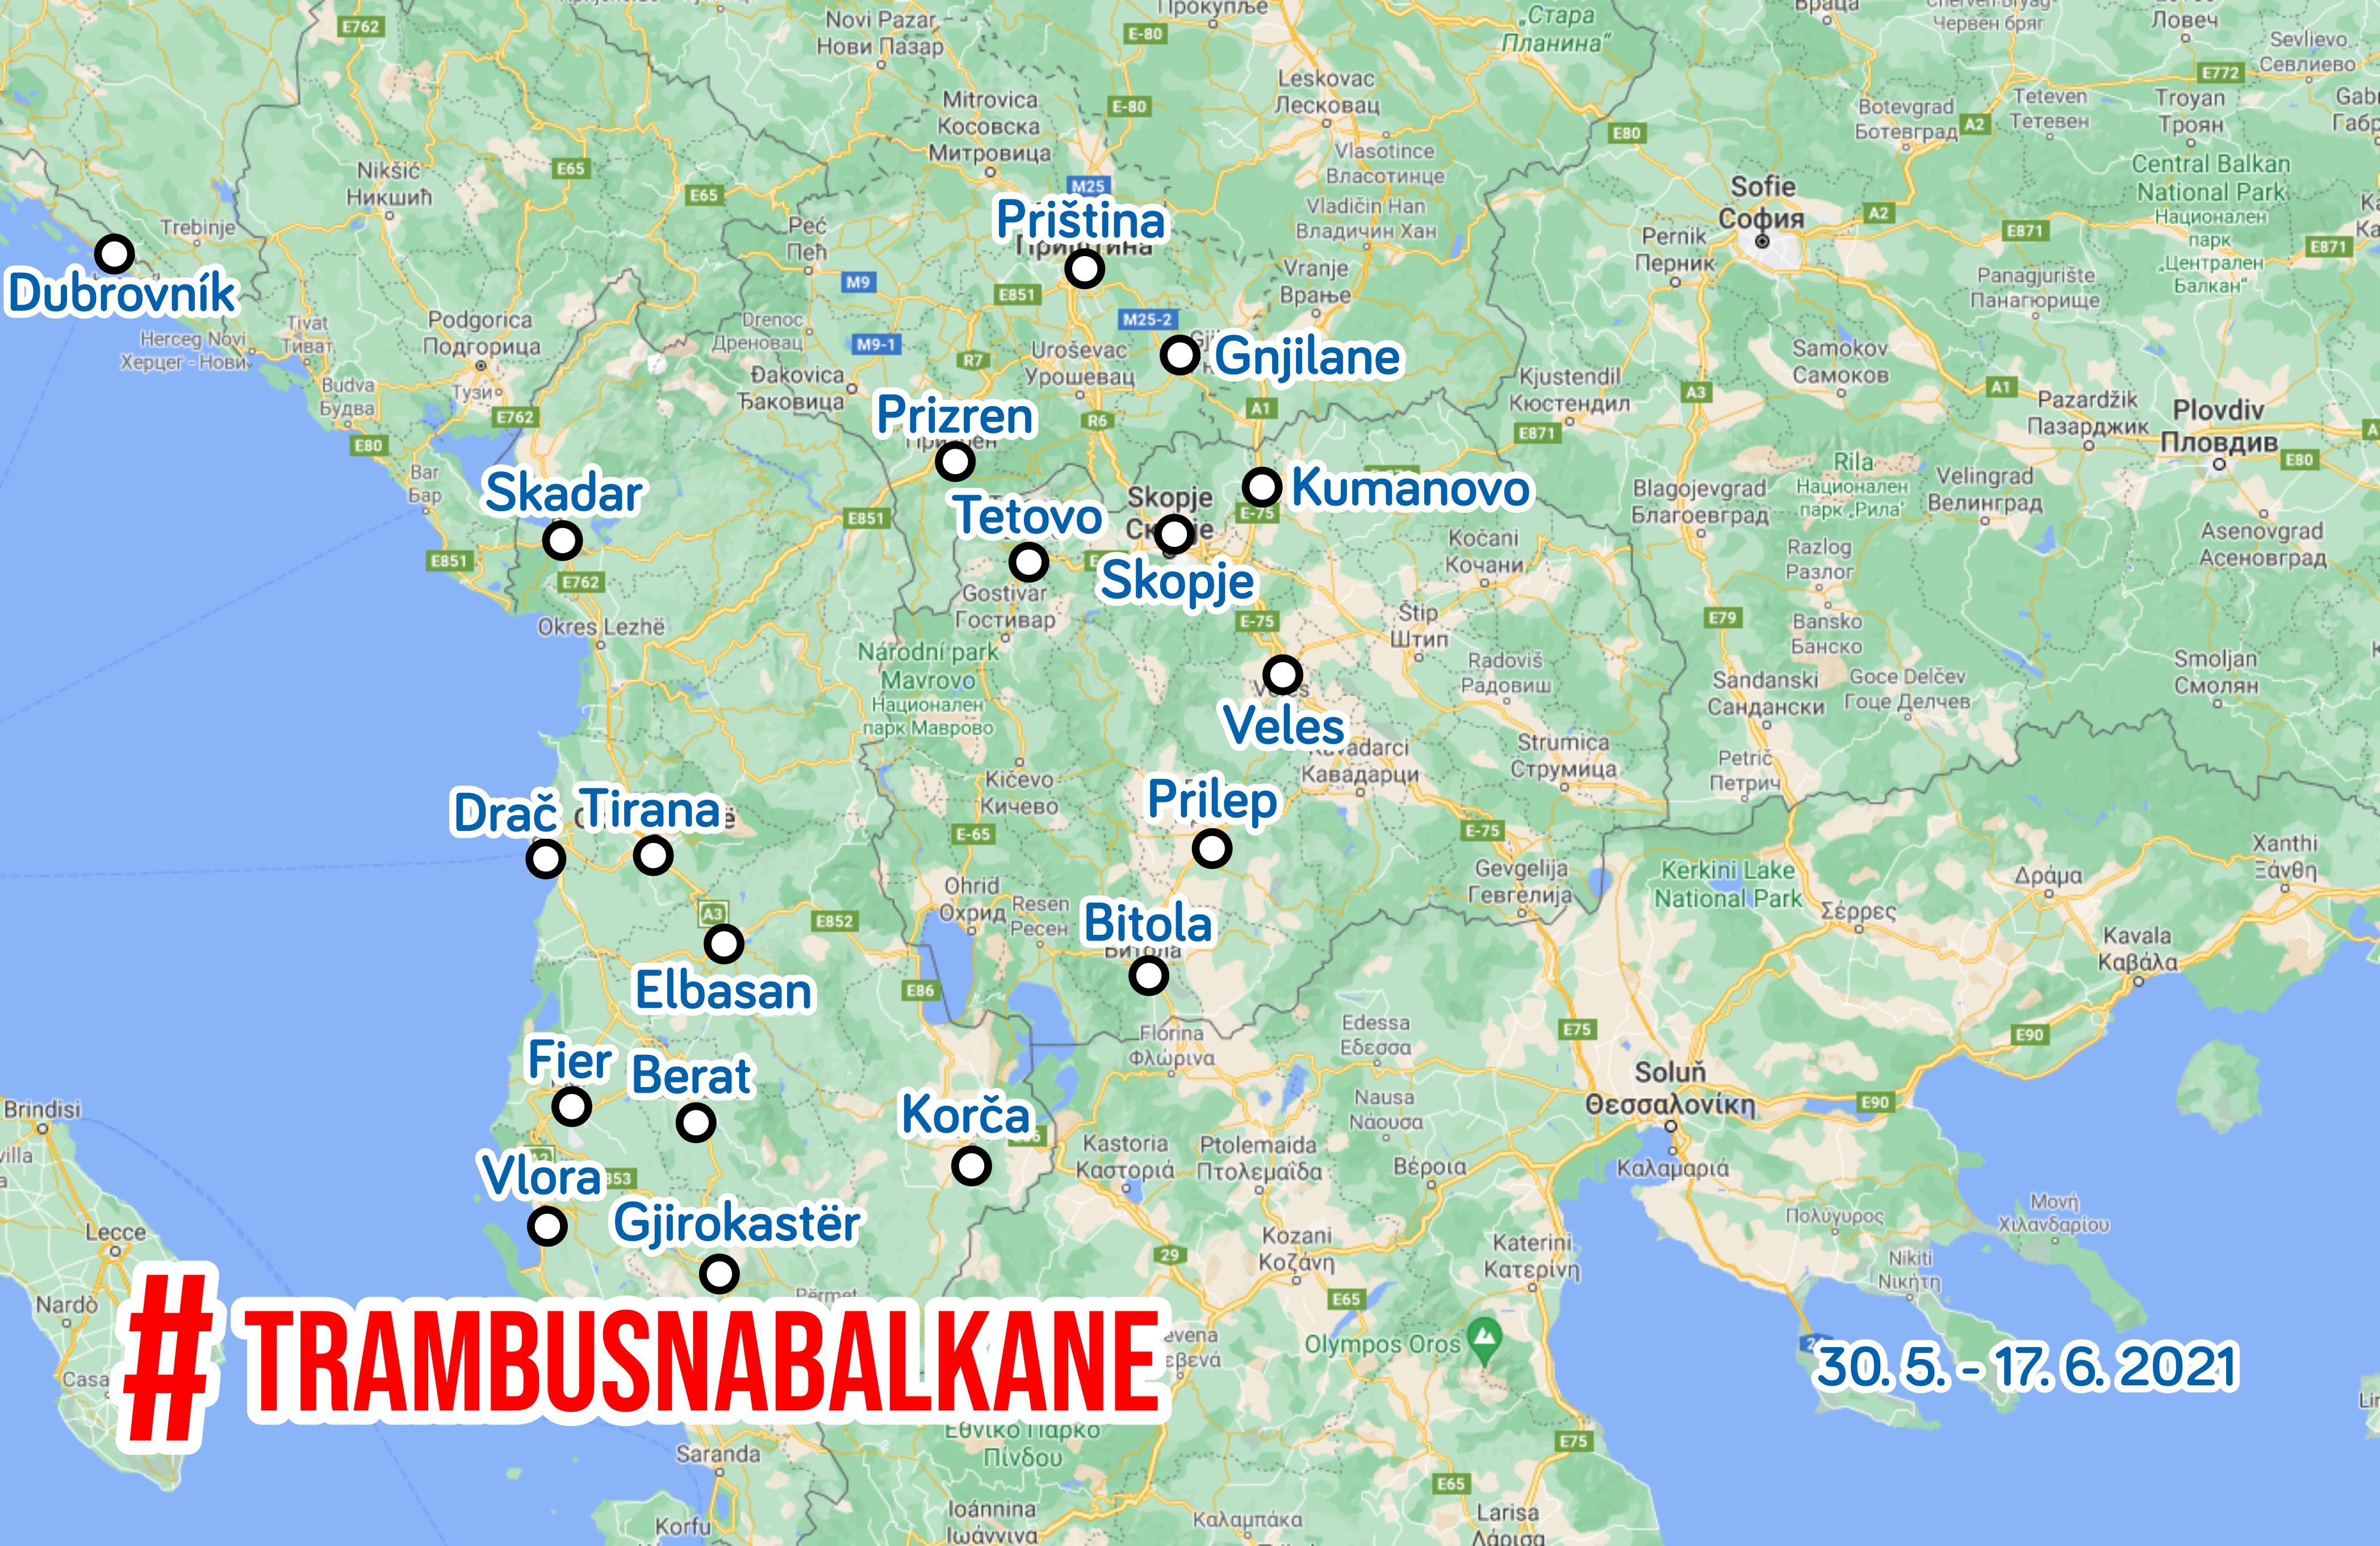 Tram-bus na Balkáně 2021